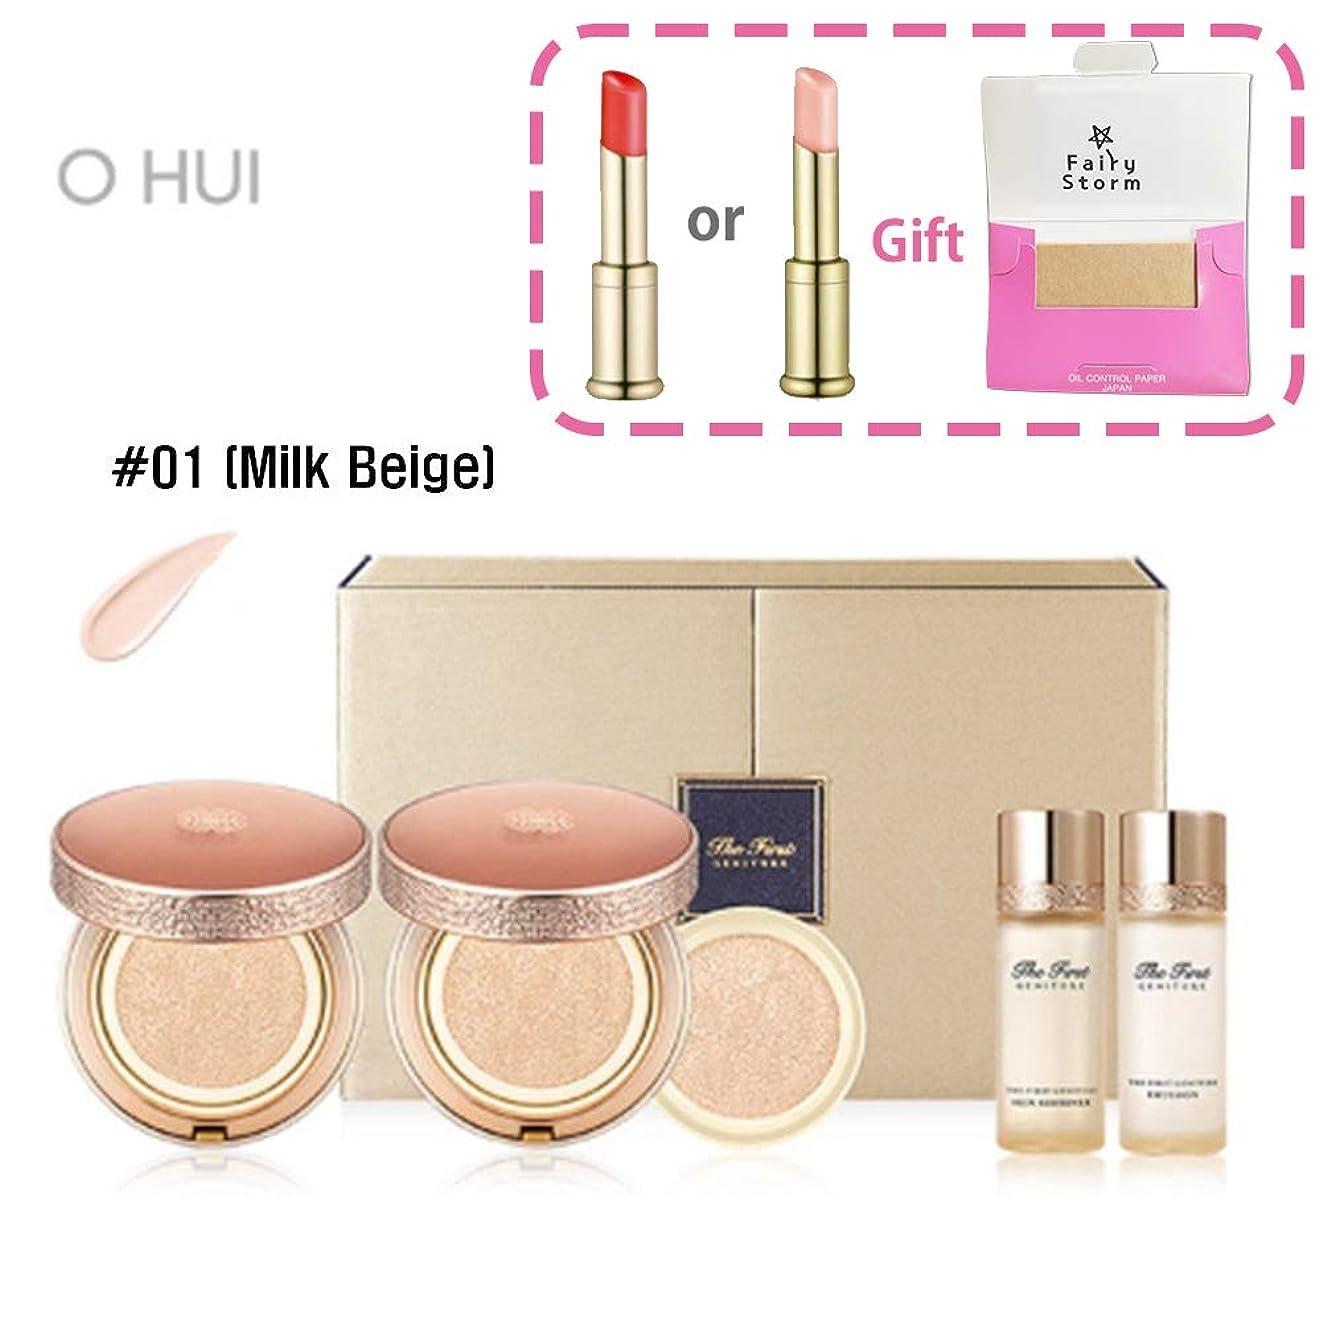 細胞政権キャンパス[オフィス/O HUI] OHUI The First GENITURE Ampoule Cover Cushion Duo Special Limited Set #01 (Milk Beige)/The GENITUREアンプルカバークッションデュオスペシャル限定セット#01(ミルクベージュ)+[Sample Gift](海外直送品)